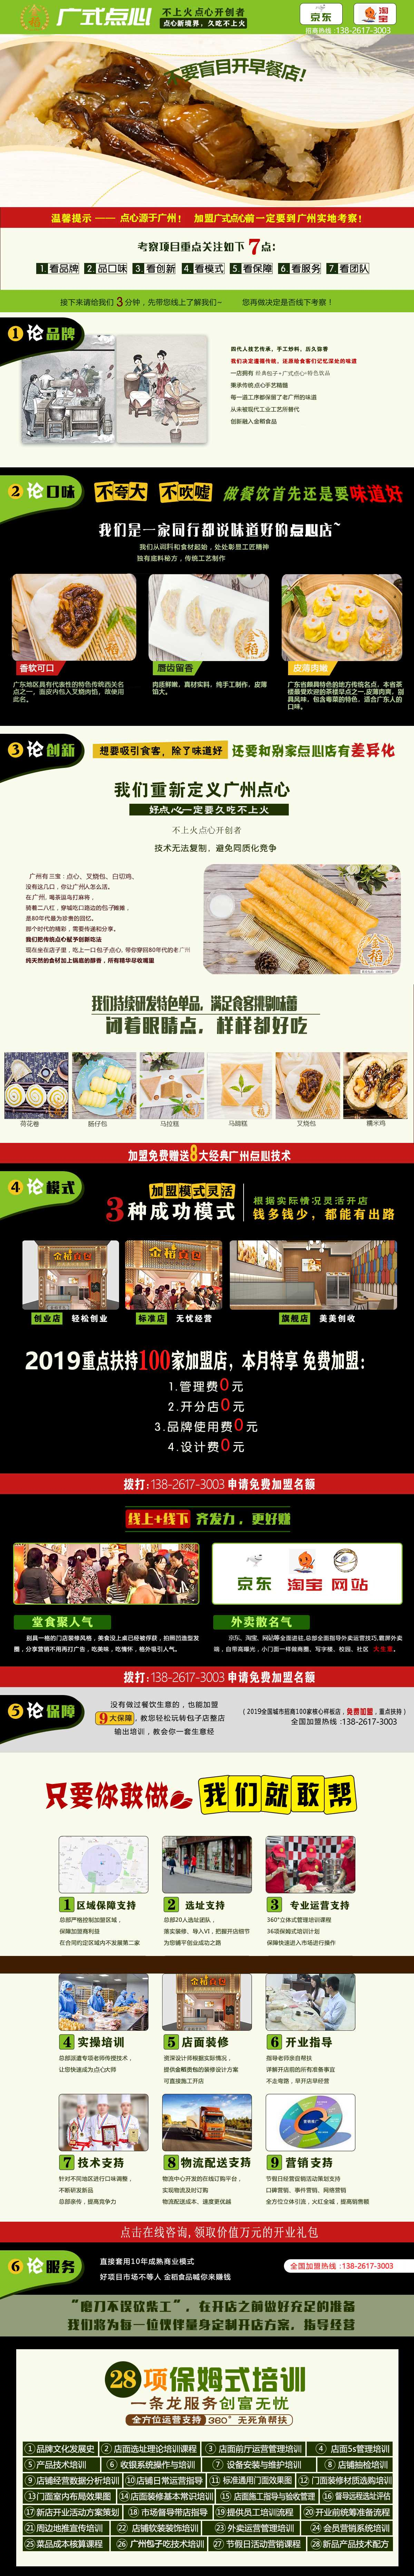 乐天堂FUN88注册官网食品_01